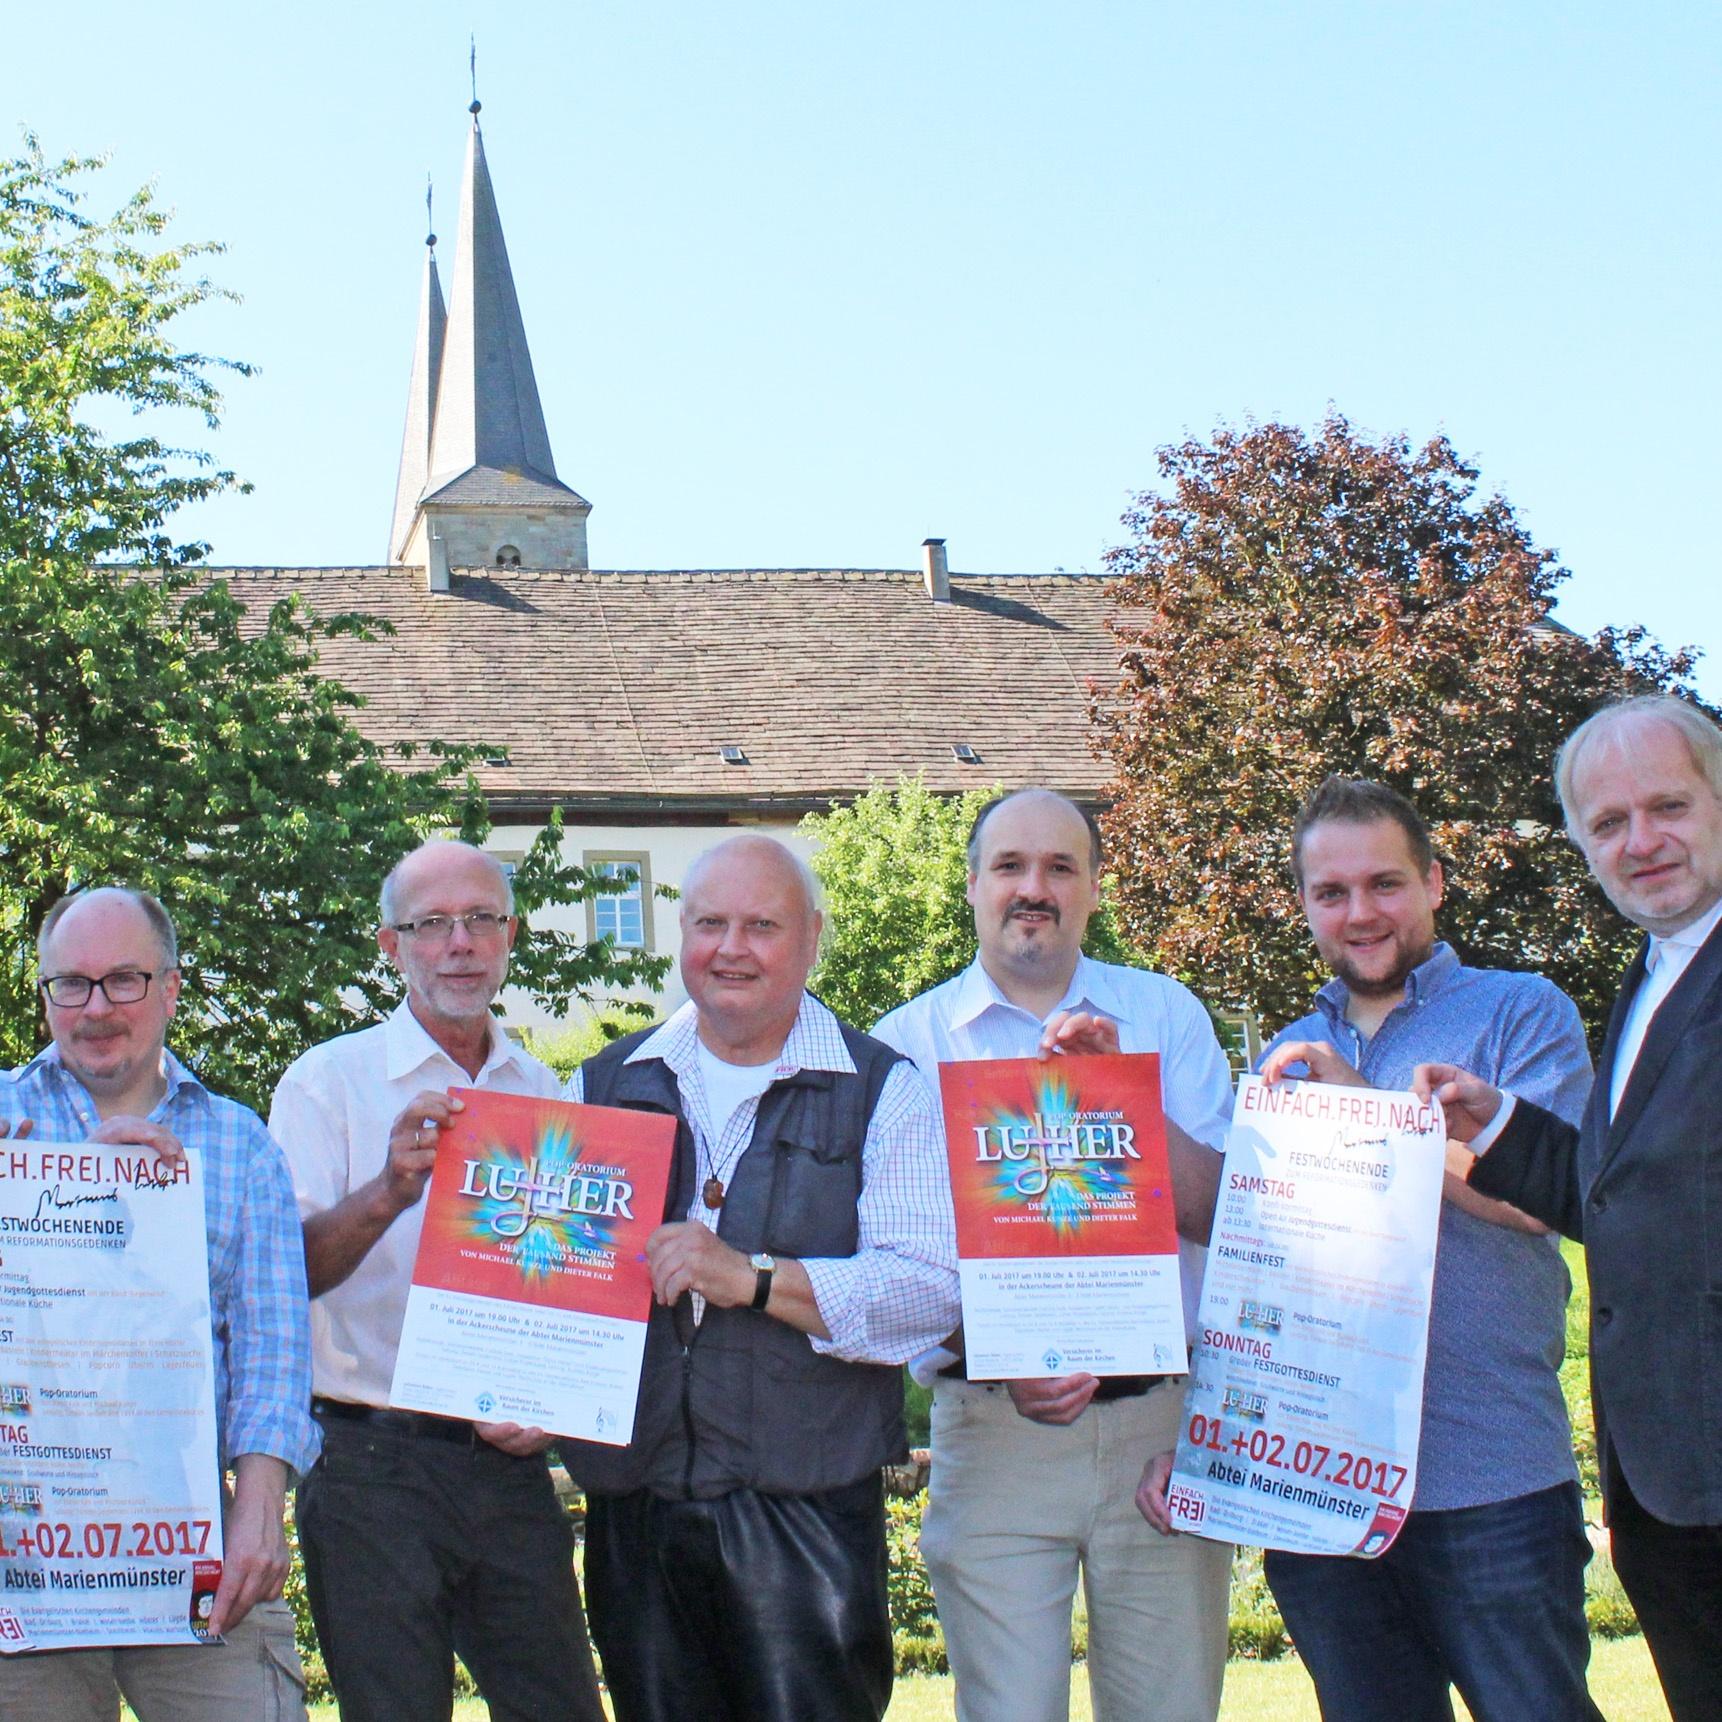 """Pop-Oratorium """"Luther"""", Gottesdienste, Familienfest und Konfirmanden-Tag Beim Luther-Fest dem Reformator vielfältig begegnen"""